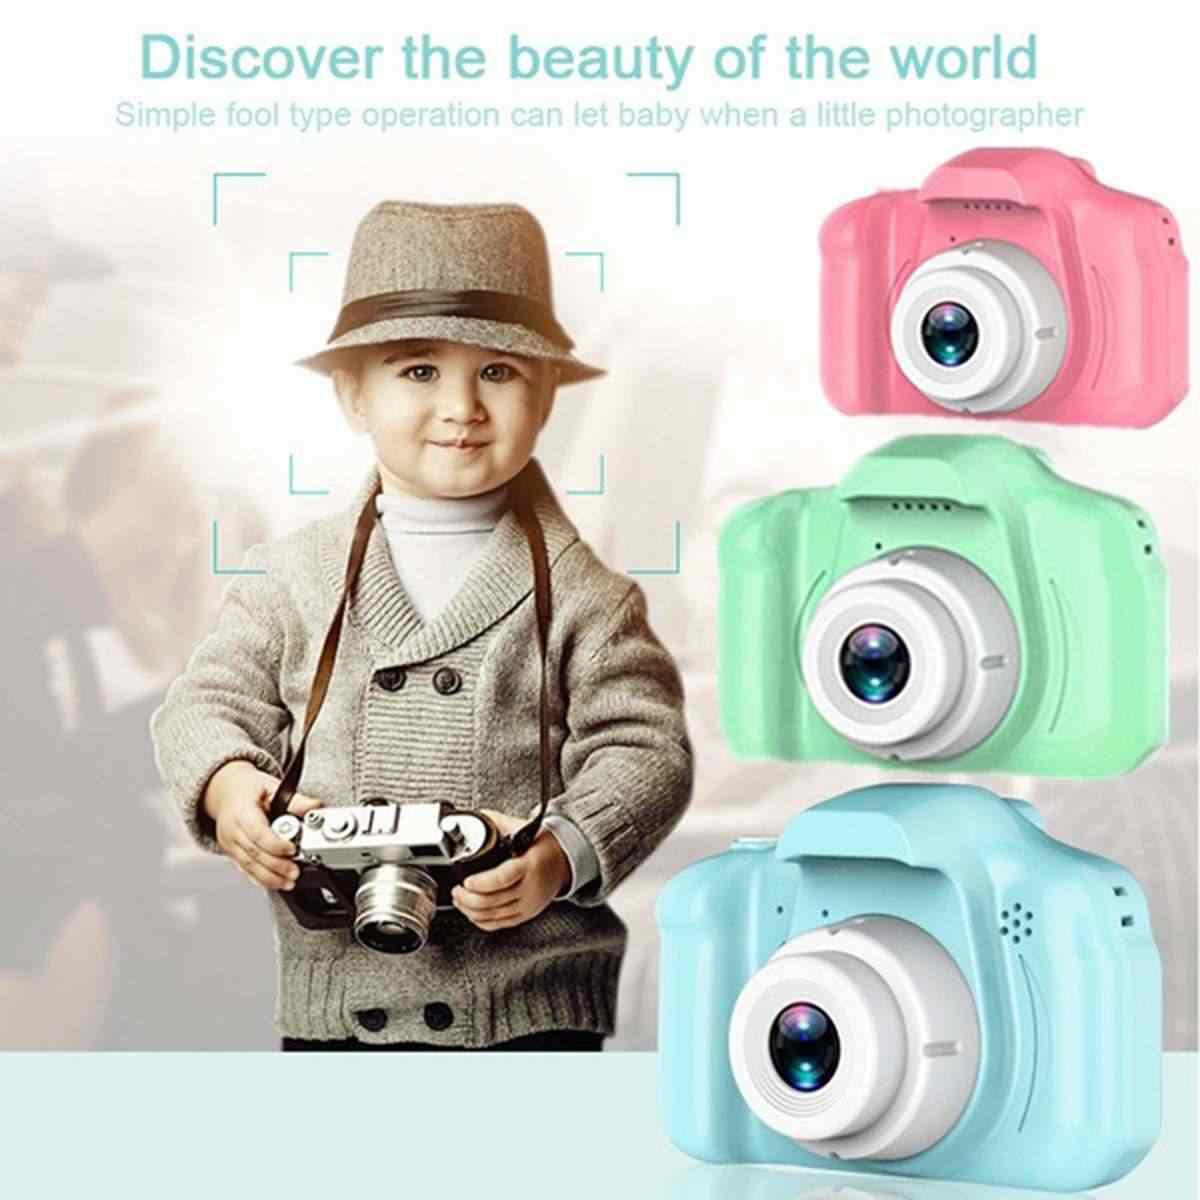 13 millones de píxeles HD pantalla cargable Digital Mini cámara niños dibujos animados cámara de vídeo de fotografía para regalo de cumpleaños infantil